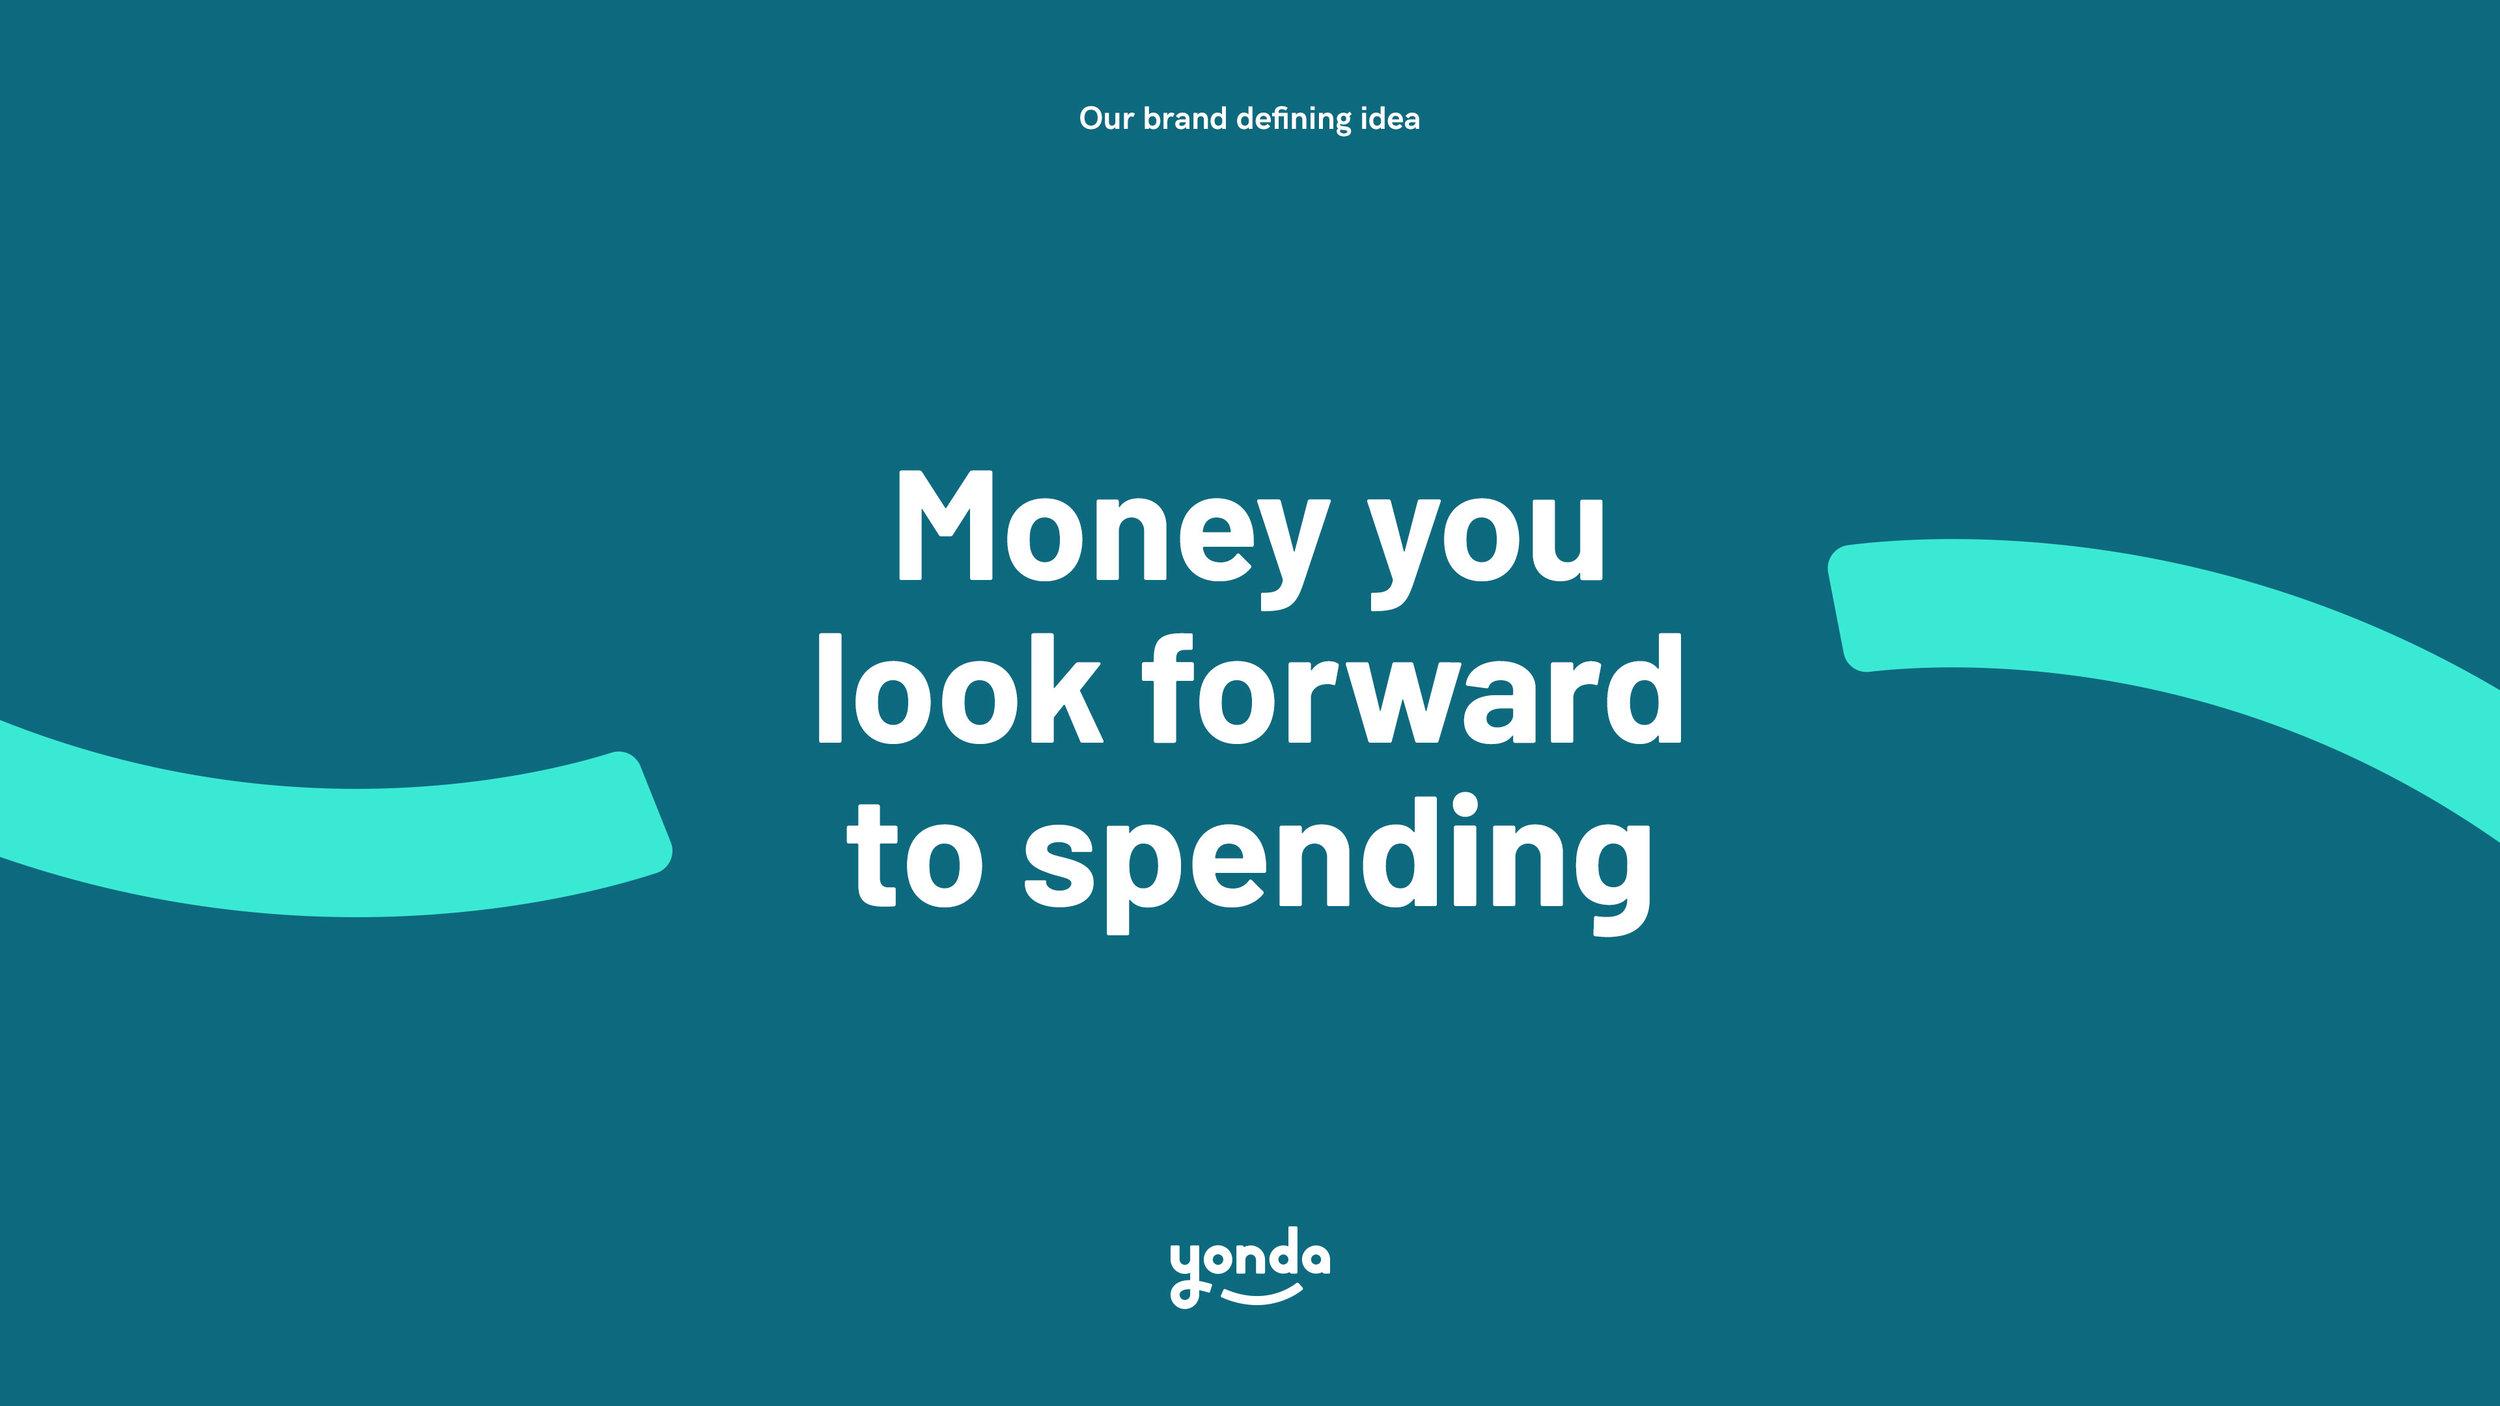 yonda_CS_brand_idea_3840x2160.jpg